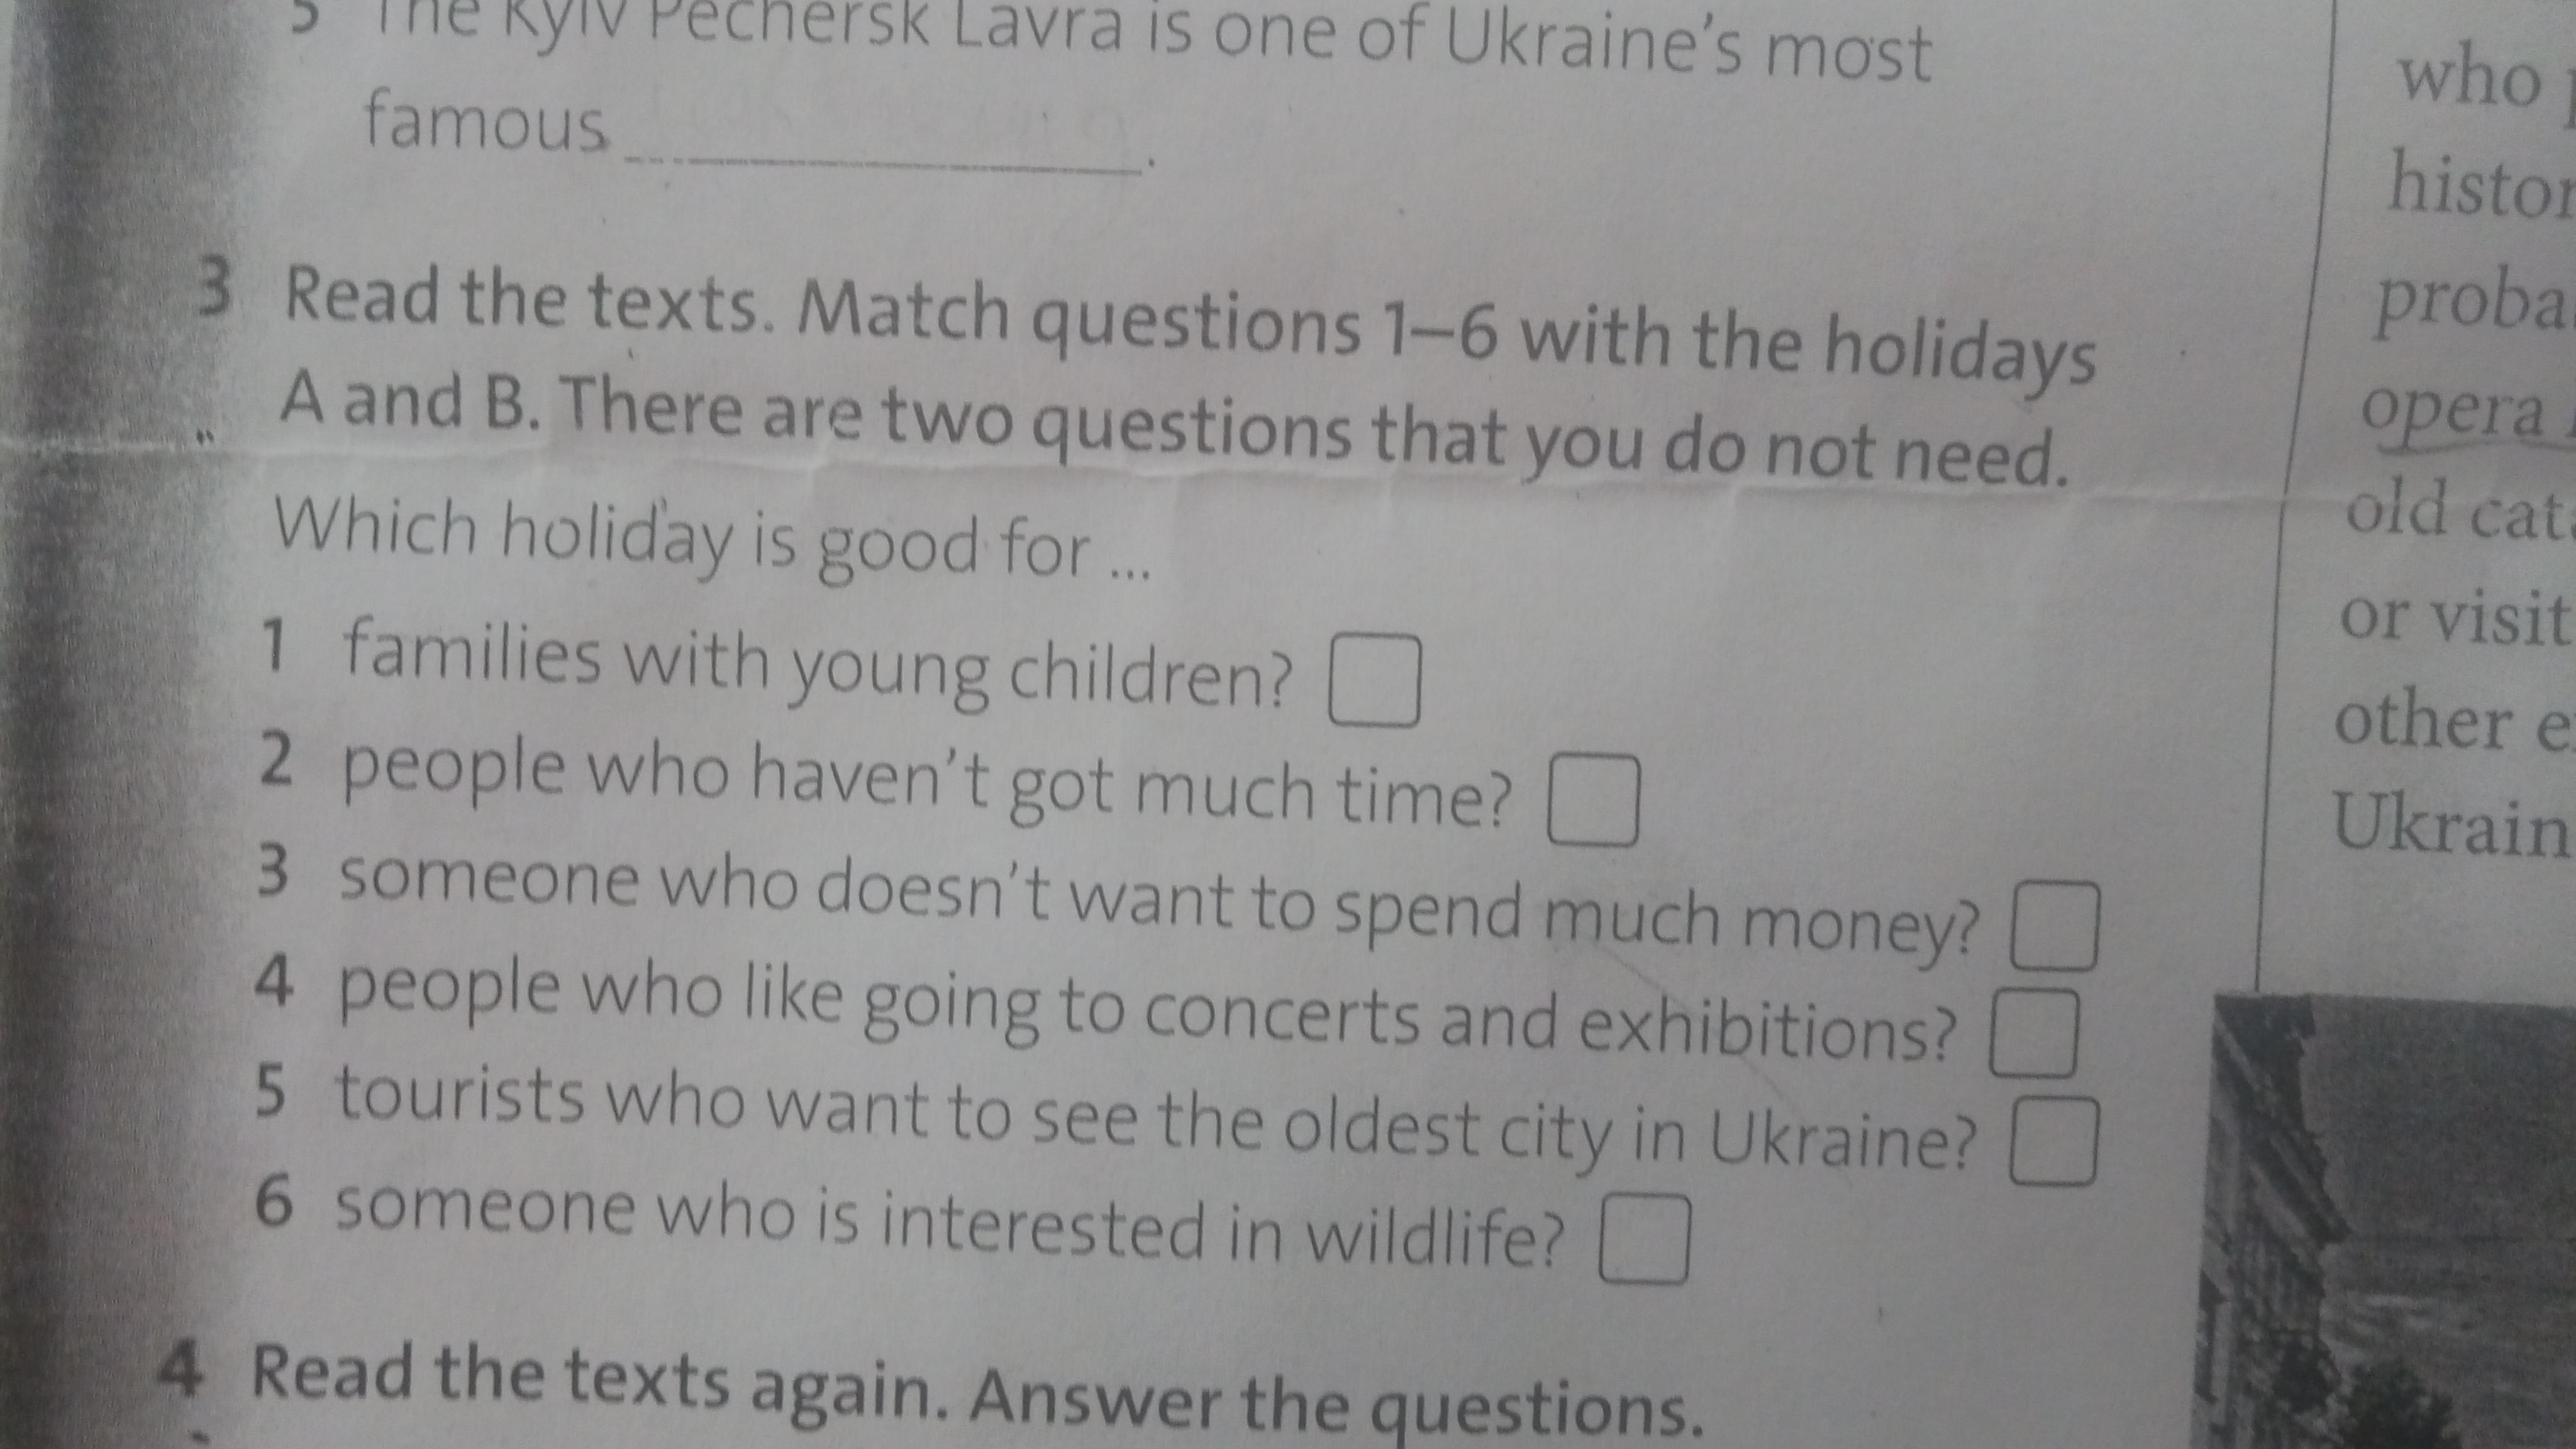 Помогите пожалуйста, сделать задание номер 3.